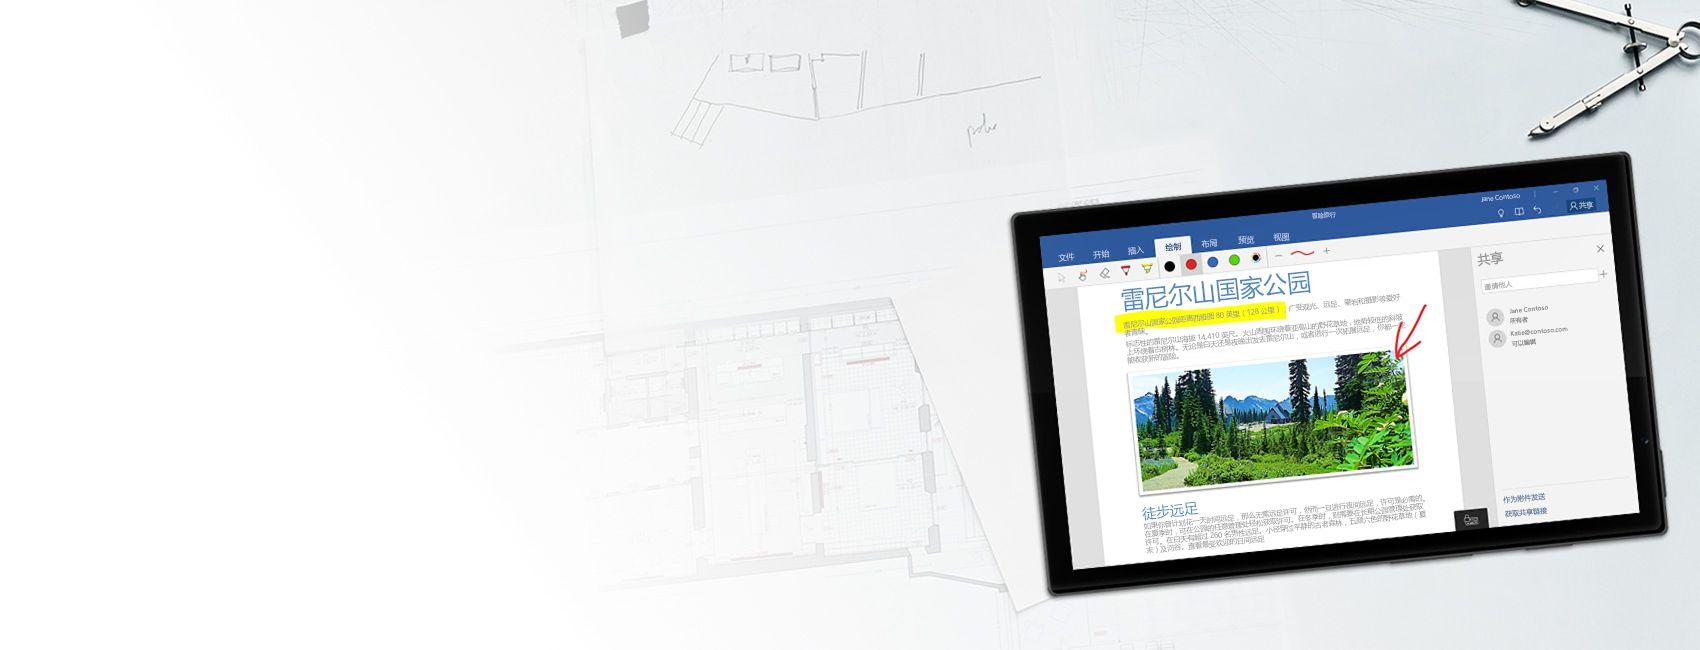 显示有 Windows 10 移动版 Word 文档的 Windows 平板电脑,该文档关于瑞尼尔山国家公园